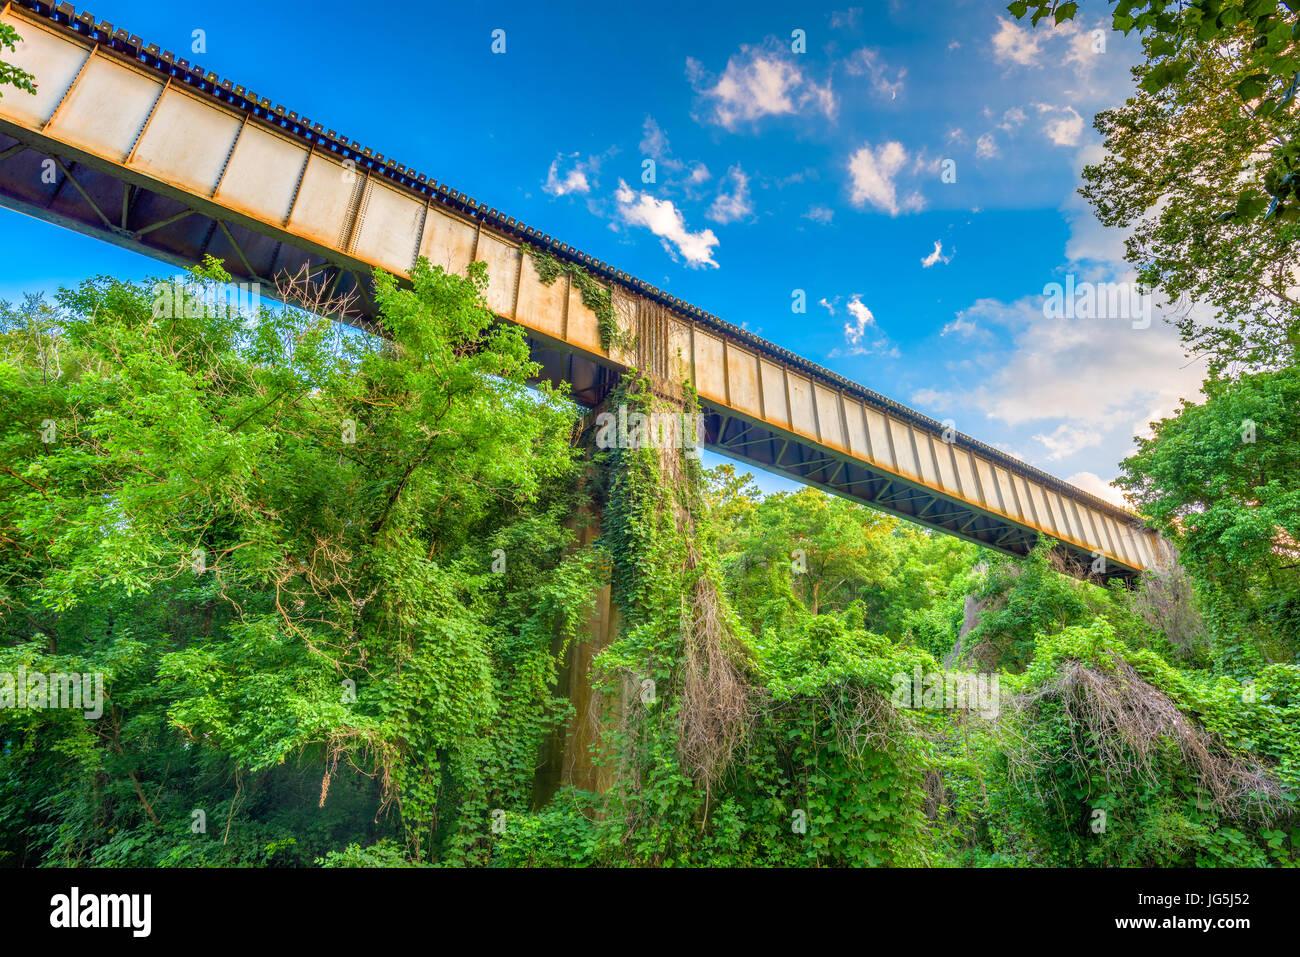 Un train trestle traverse une région rurale. Photo Stock